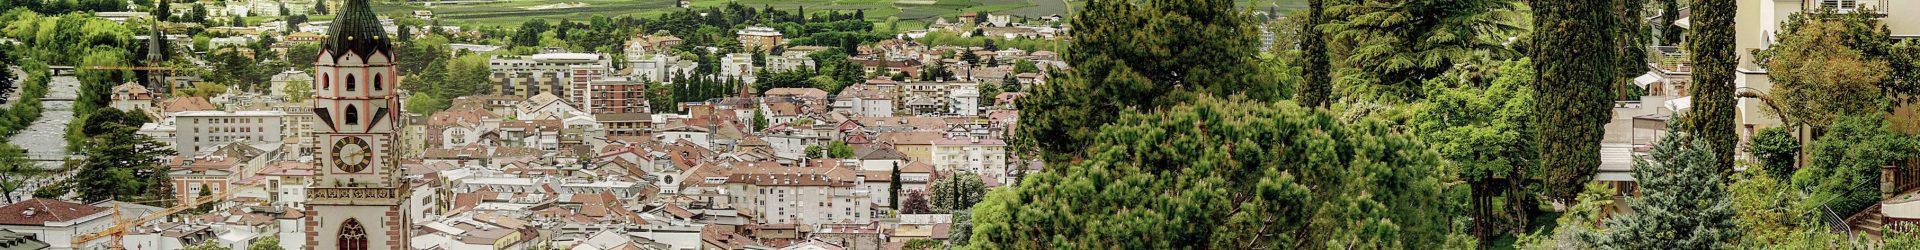 Kom tot jezelf in het Meranerland in Zuid-Tirol